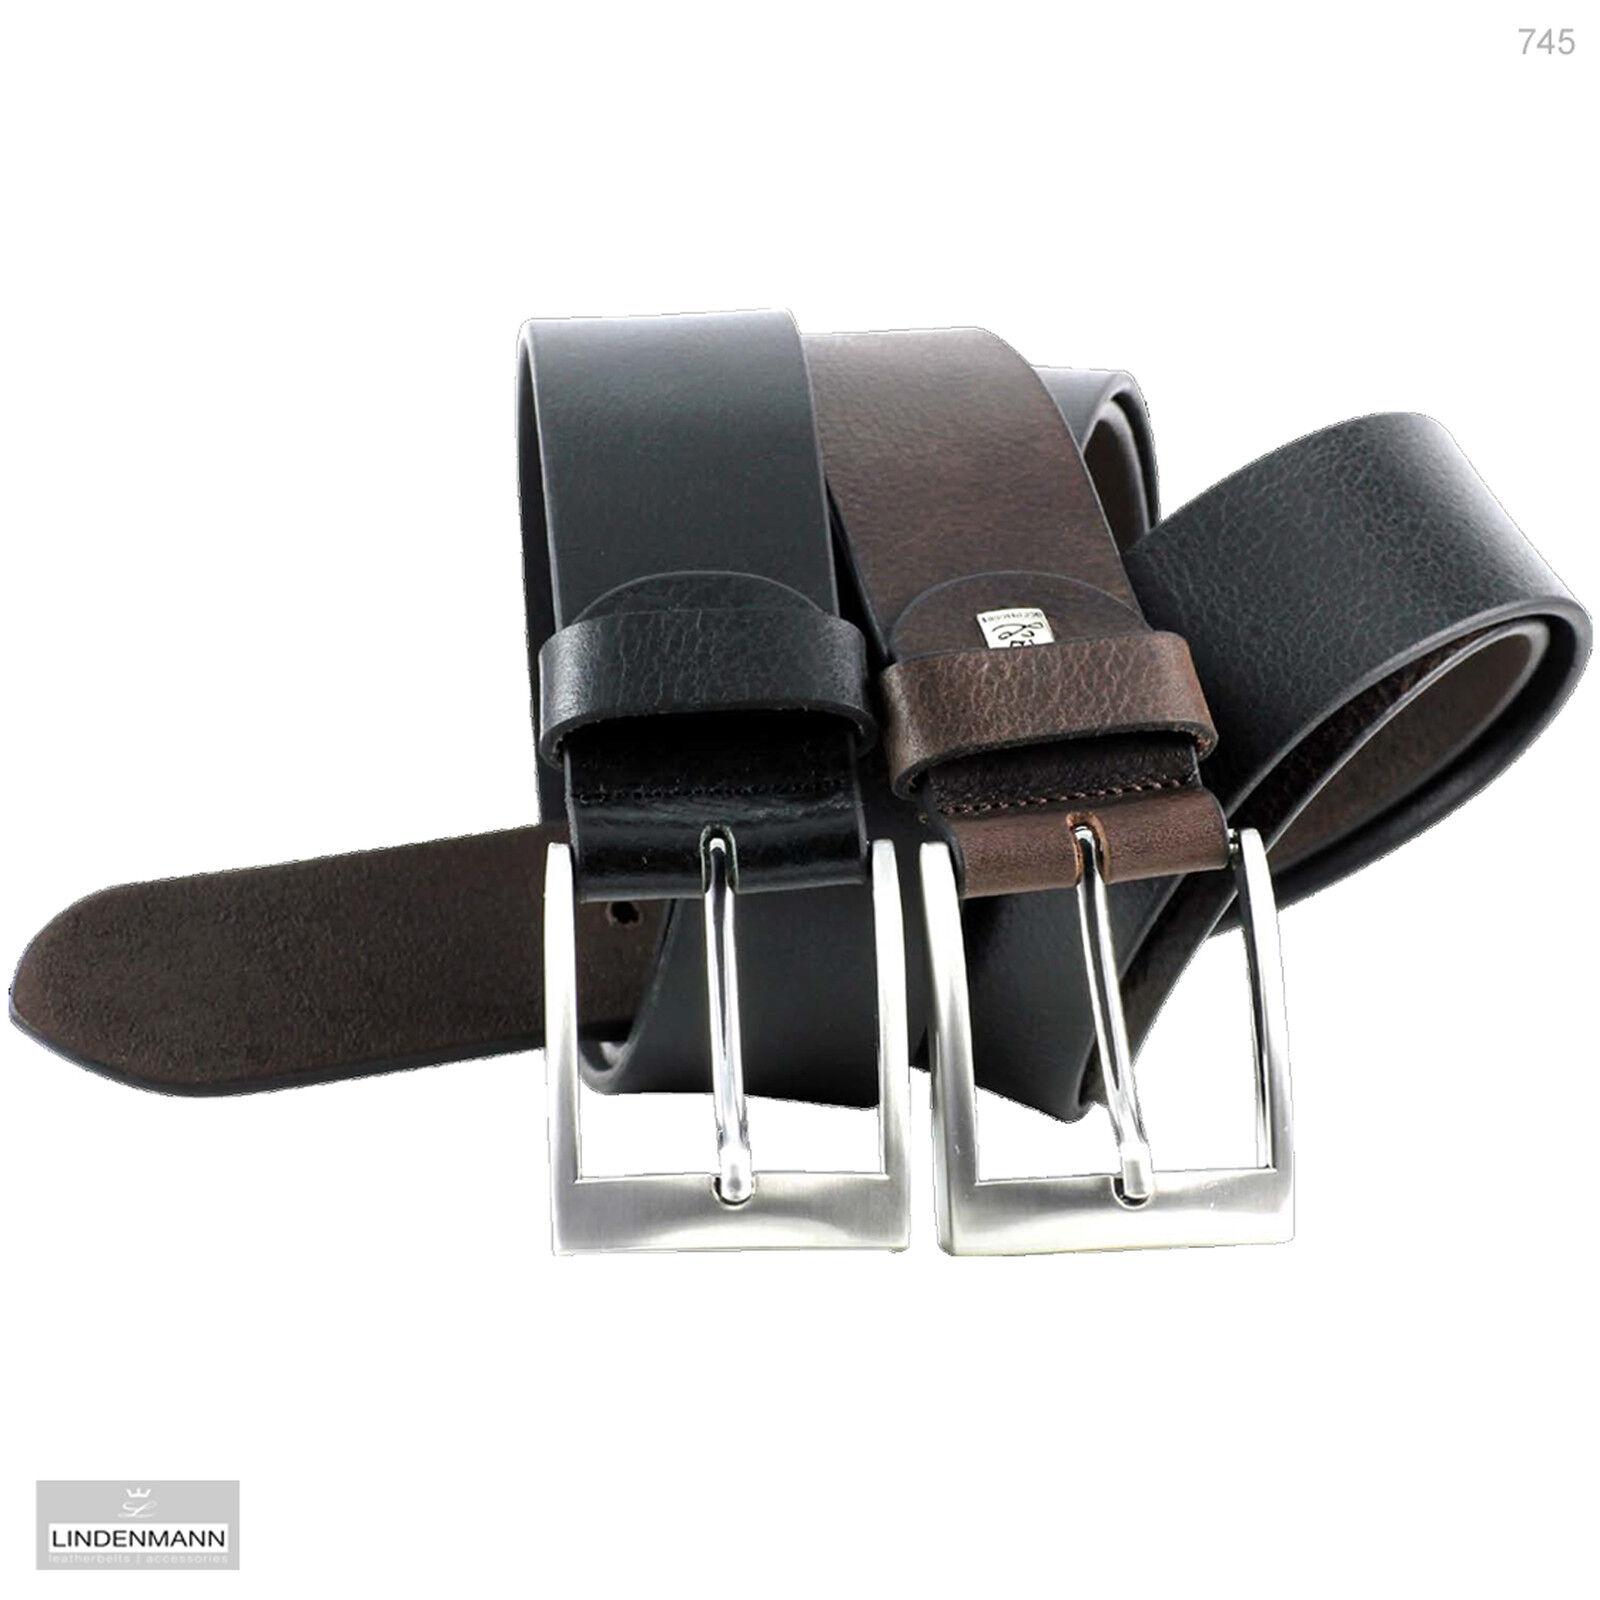 LINDENMANN XXL Vollrindledergürtel bis 150 cm Bundweite Bundweite Bundweite Überlänge Übergröße 745 | Verschiedene Stile  a476ed